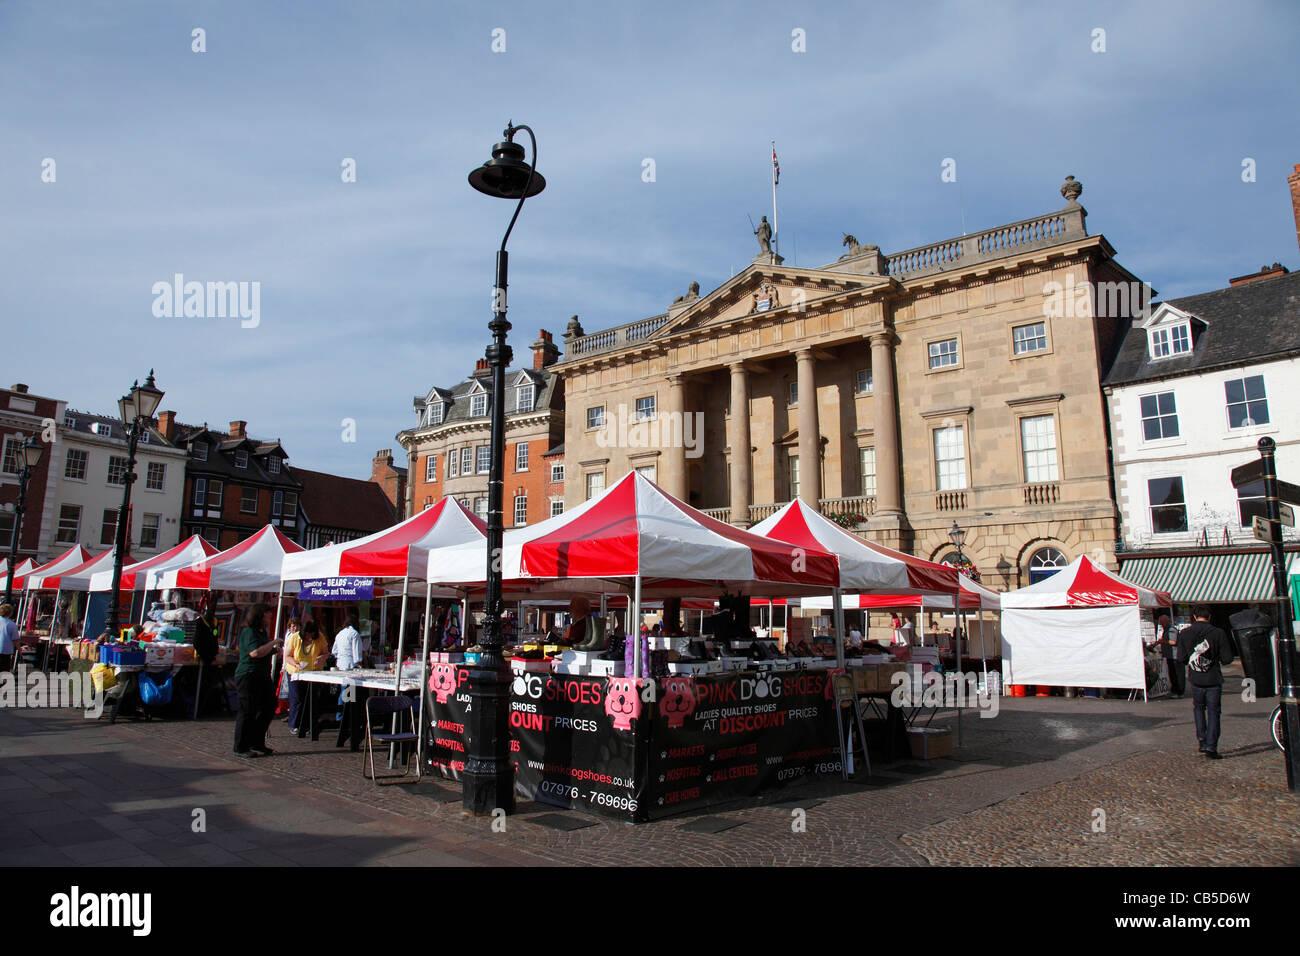 The Market Place, Newark-on-Trent, Nottinghamshire, England, U.K. - Stock Image